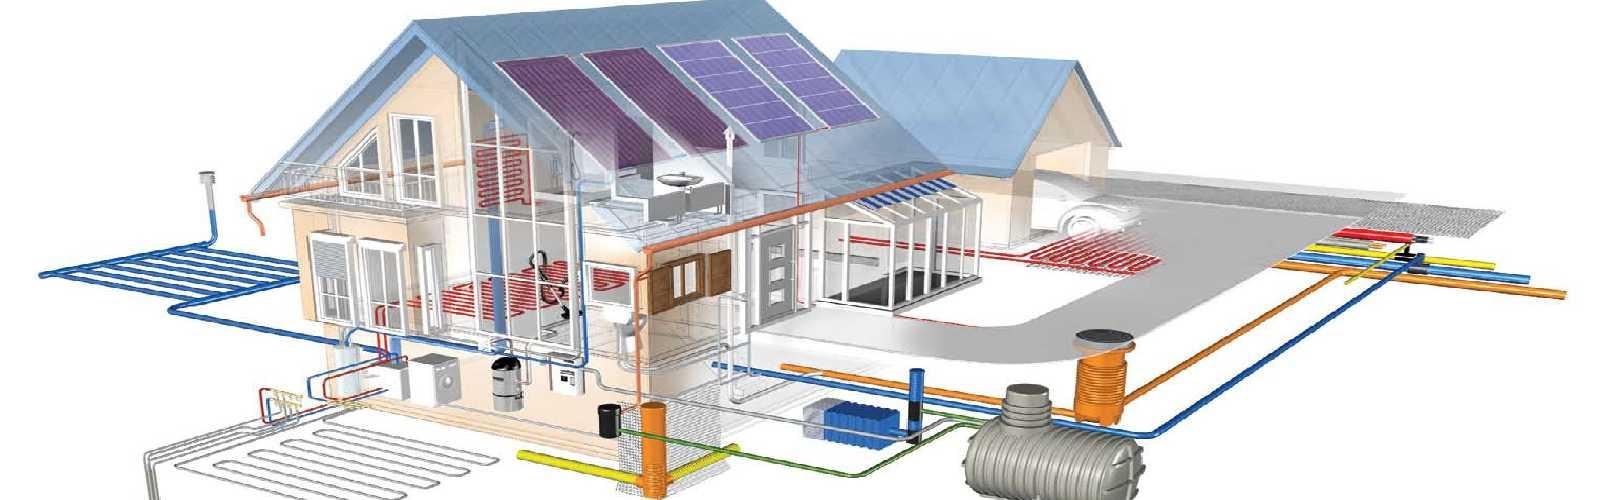 Системы вентиляции в строительстве